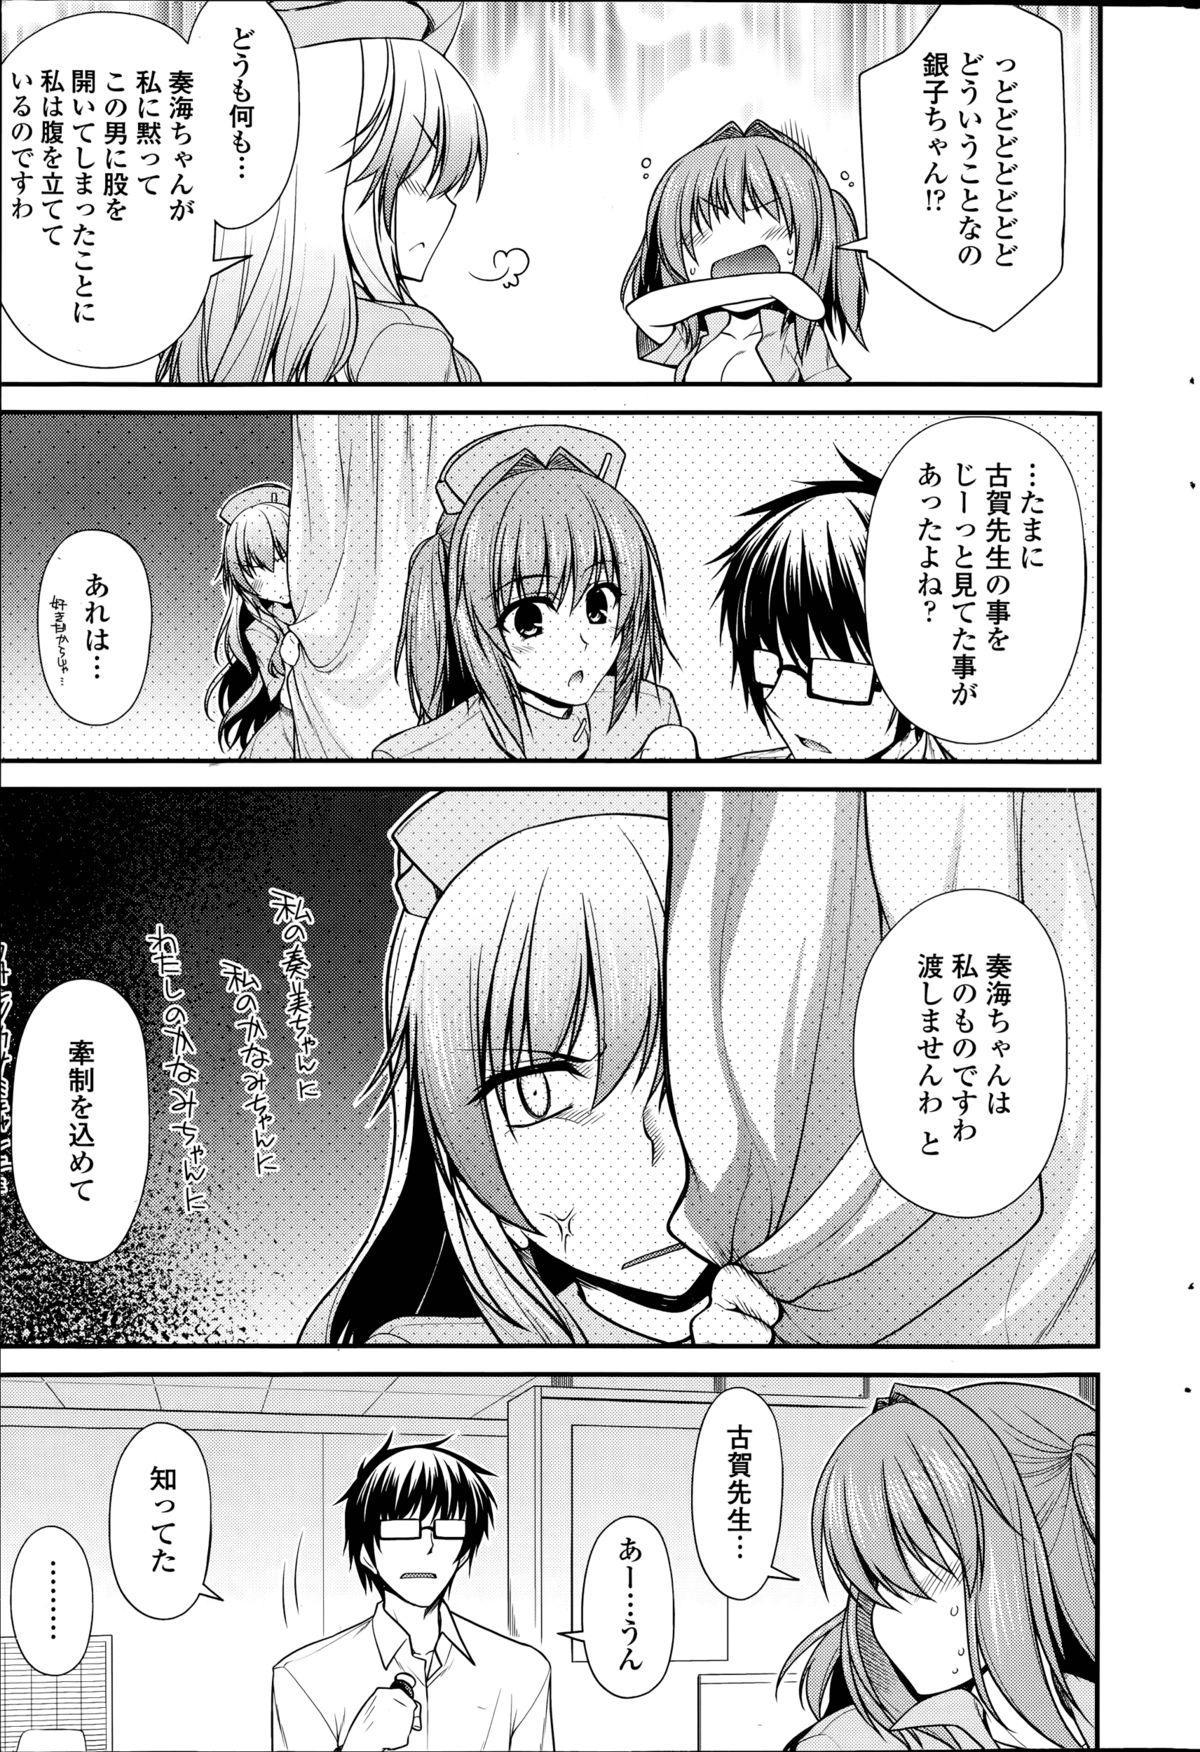 Yumemirukusuri Ch. 1-4 28